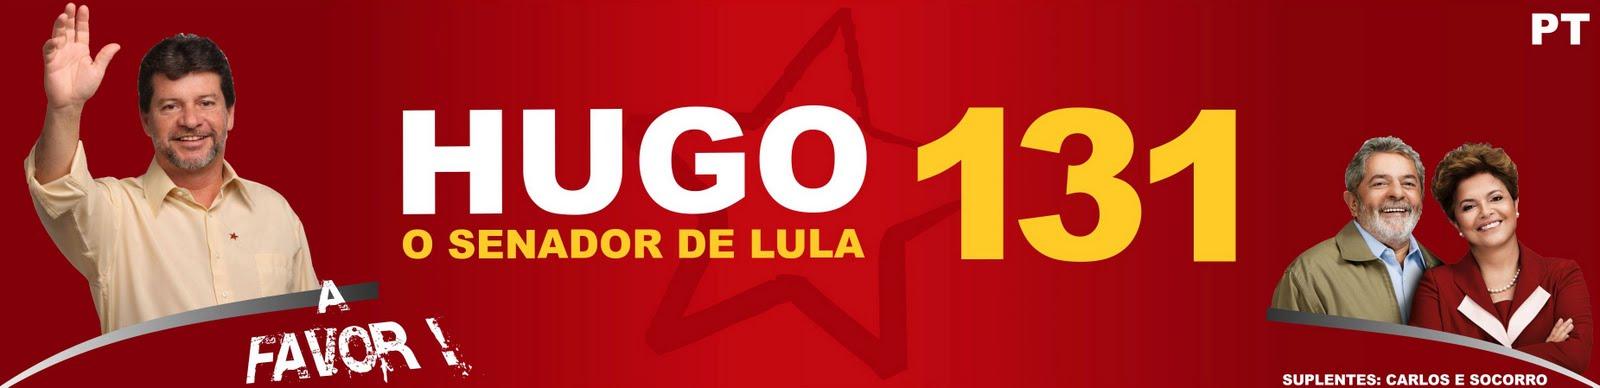 Hugo 131 [O Senador de Lula]